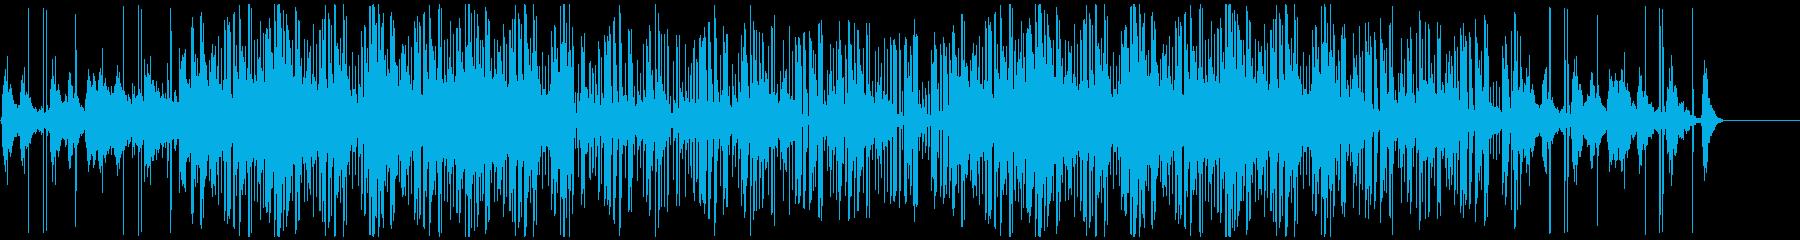 ゲームのダンジョンのBGMに最適の再生済みの波形